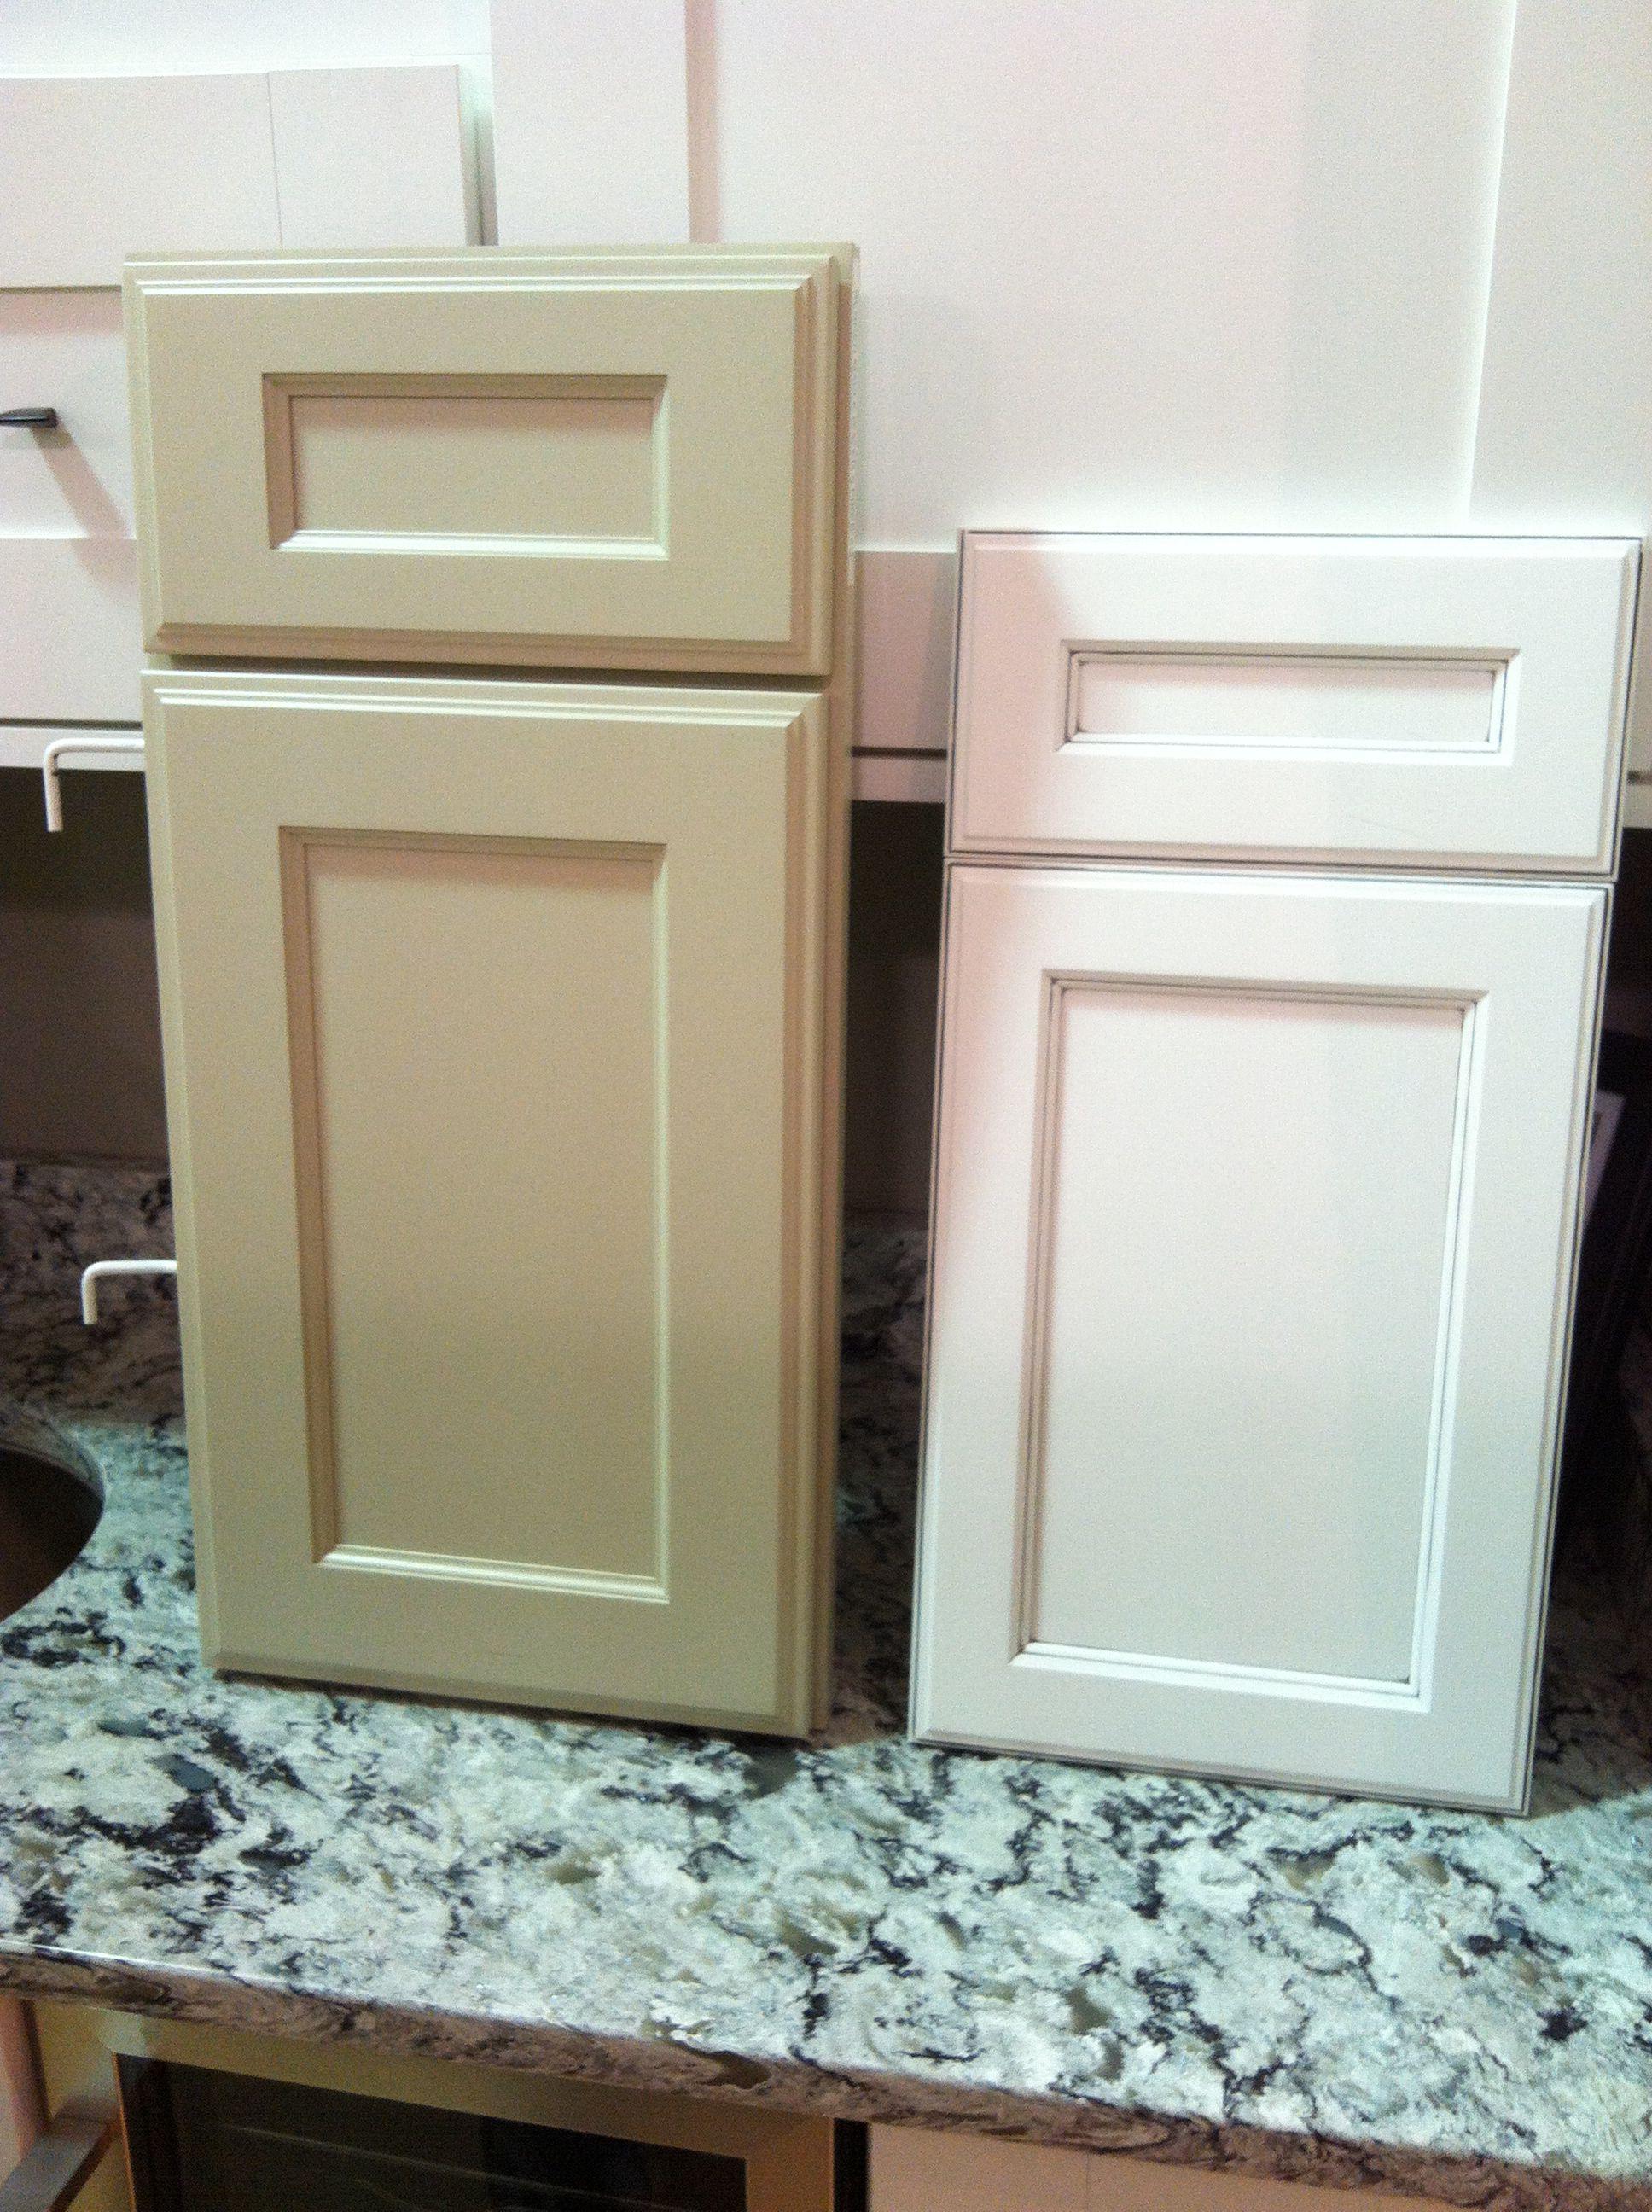 Renner 5 omega vs showcase Breckinridge Cabinets #1: 63de79ef a5e70a8a7b5e51a387